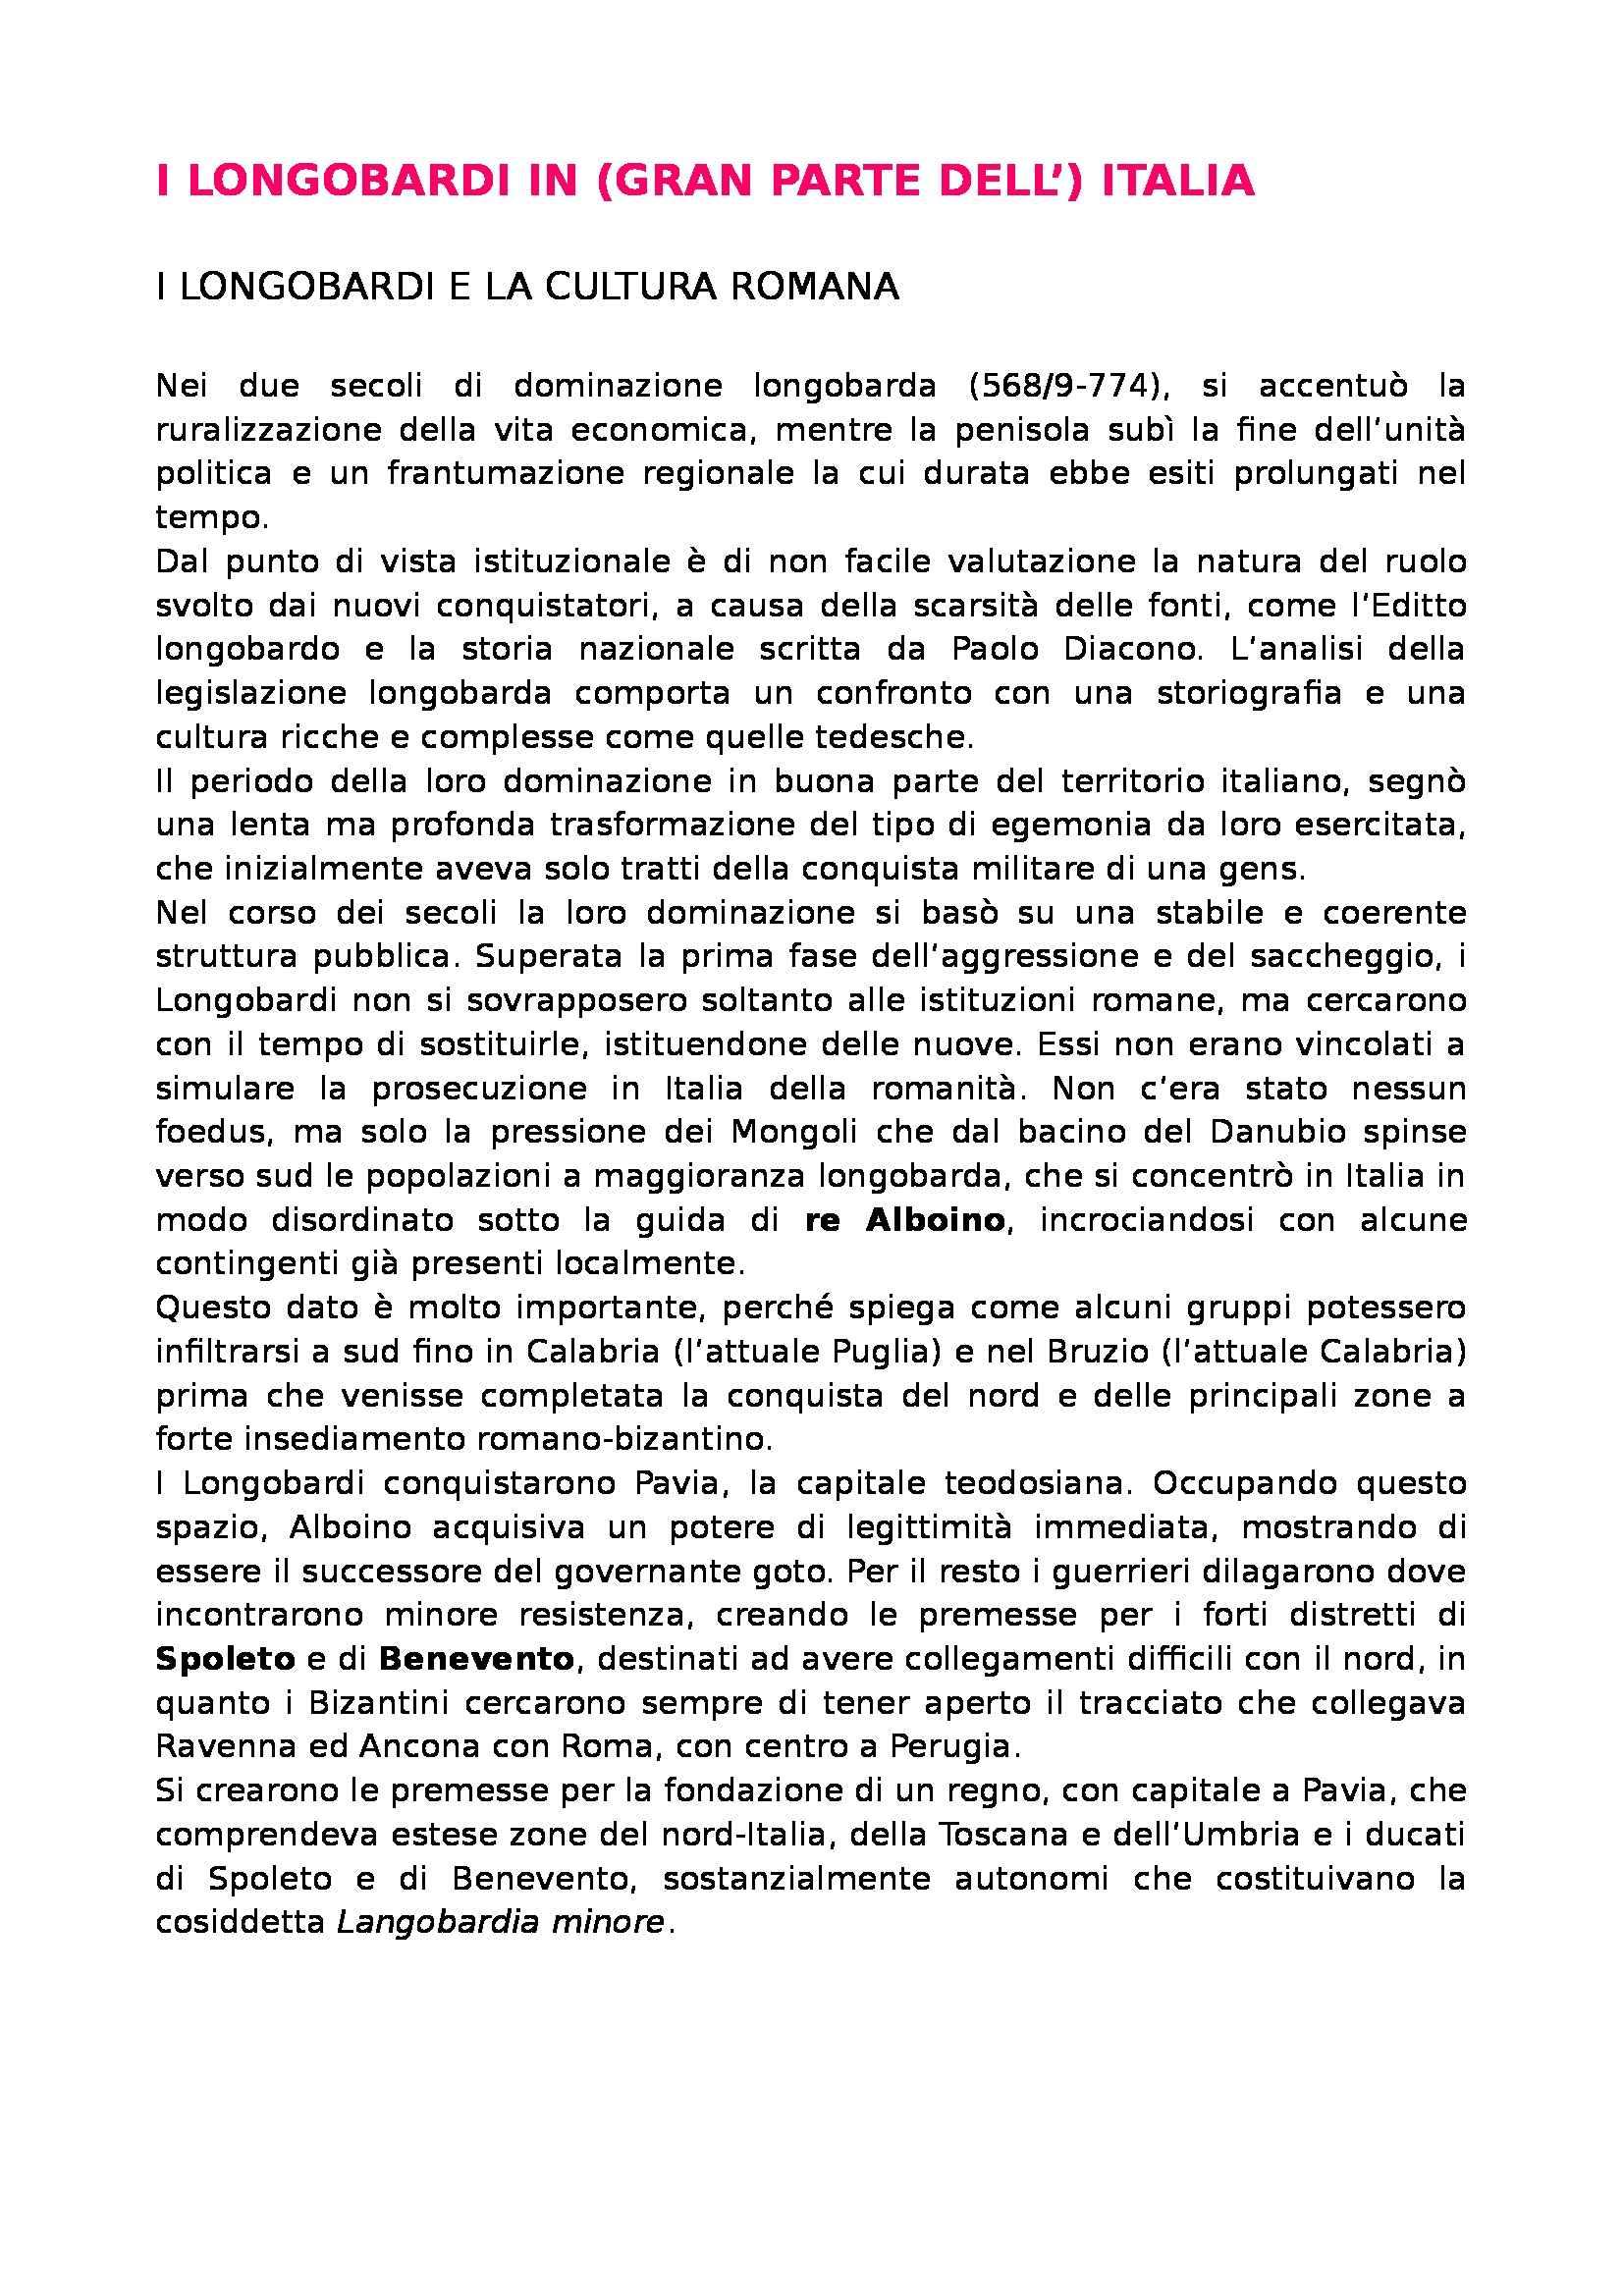 Storia del diritto italiano - Longobardi